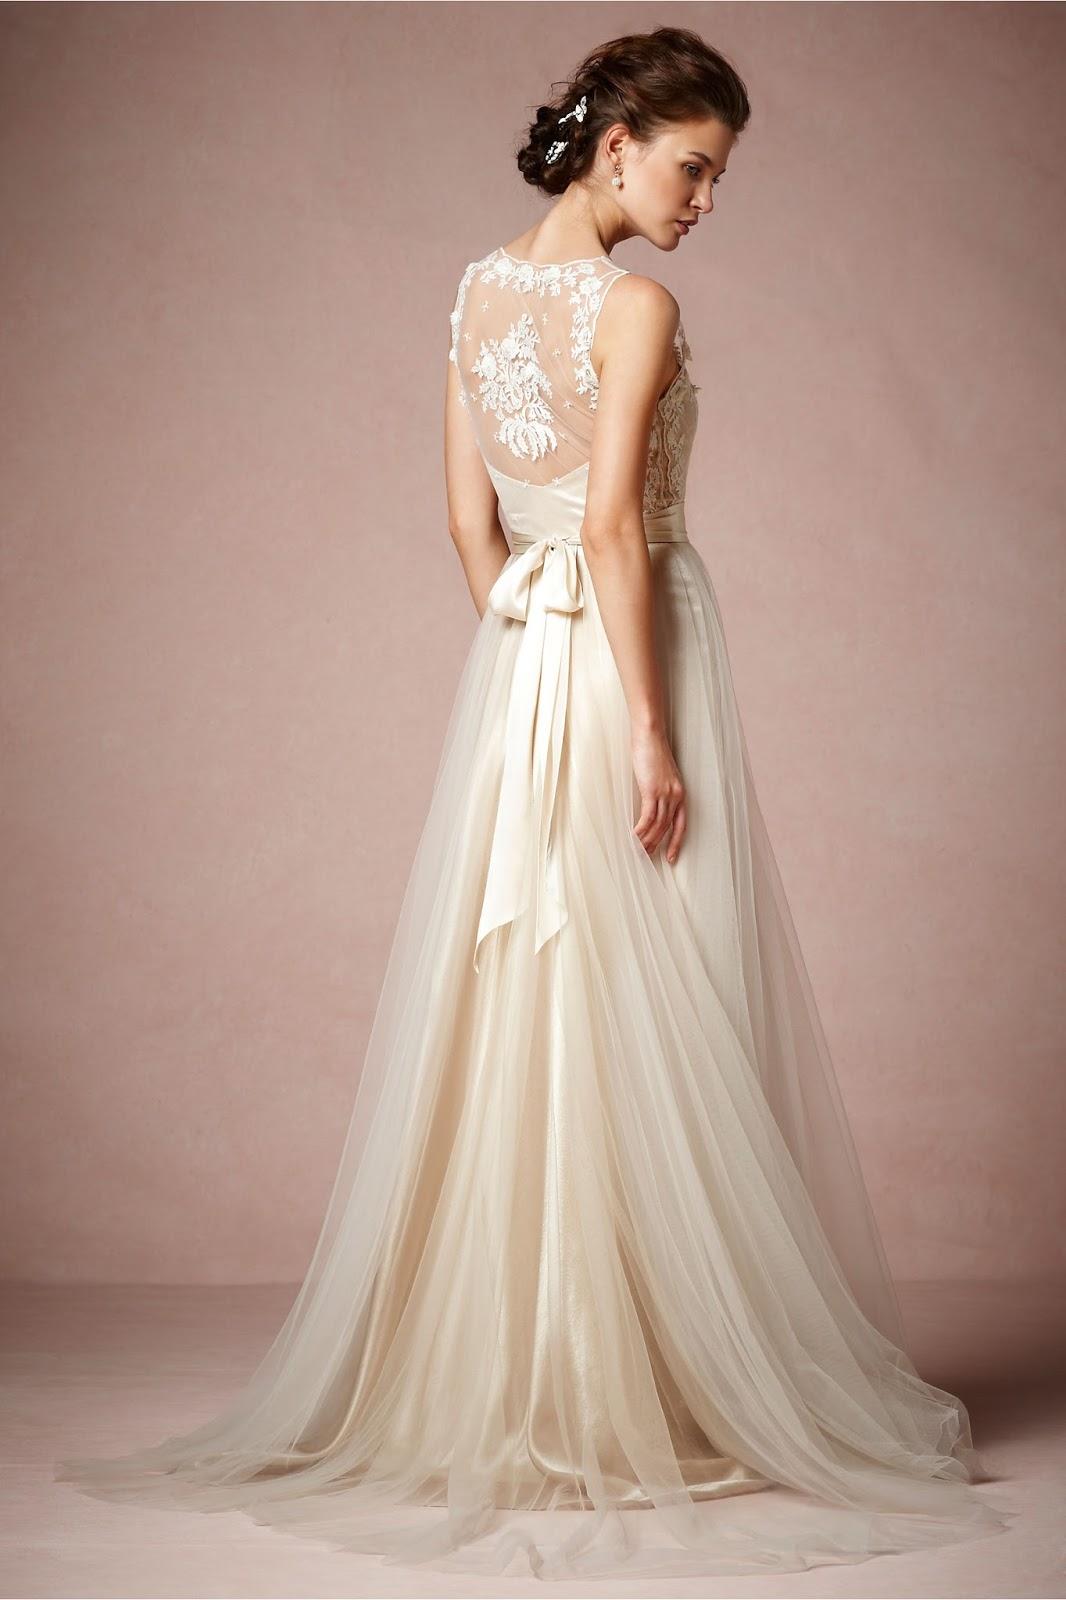 wedding dresses cold climates: Boho Wedding Dresses